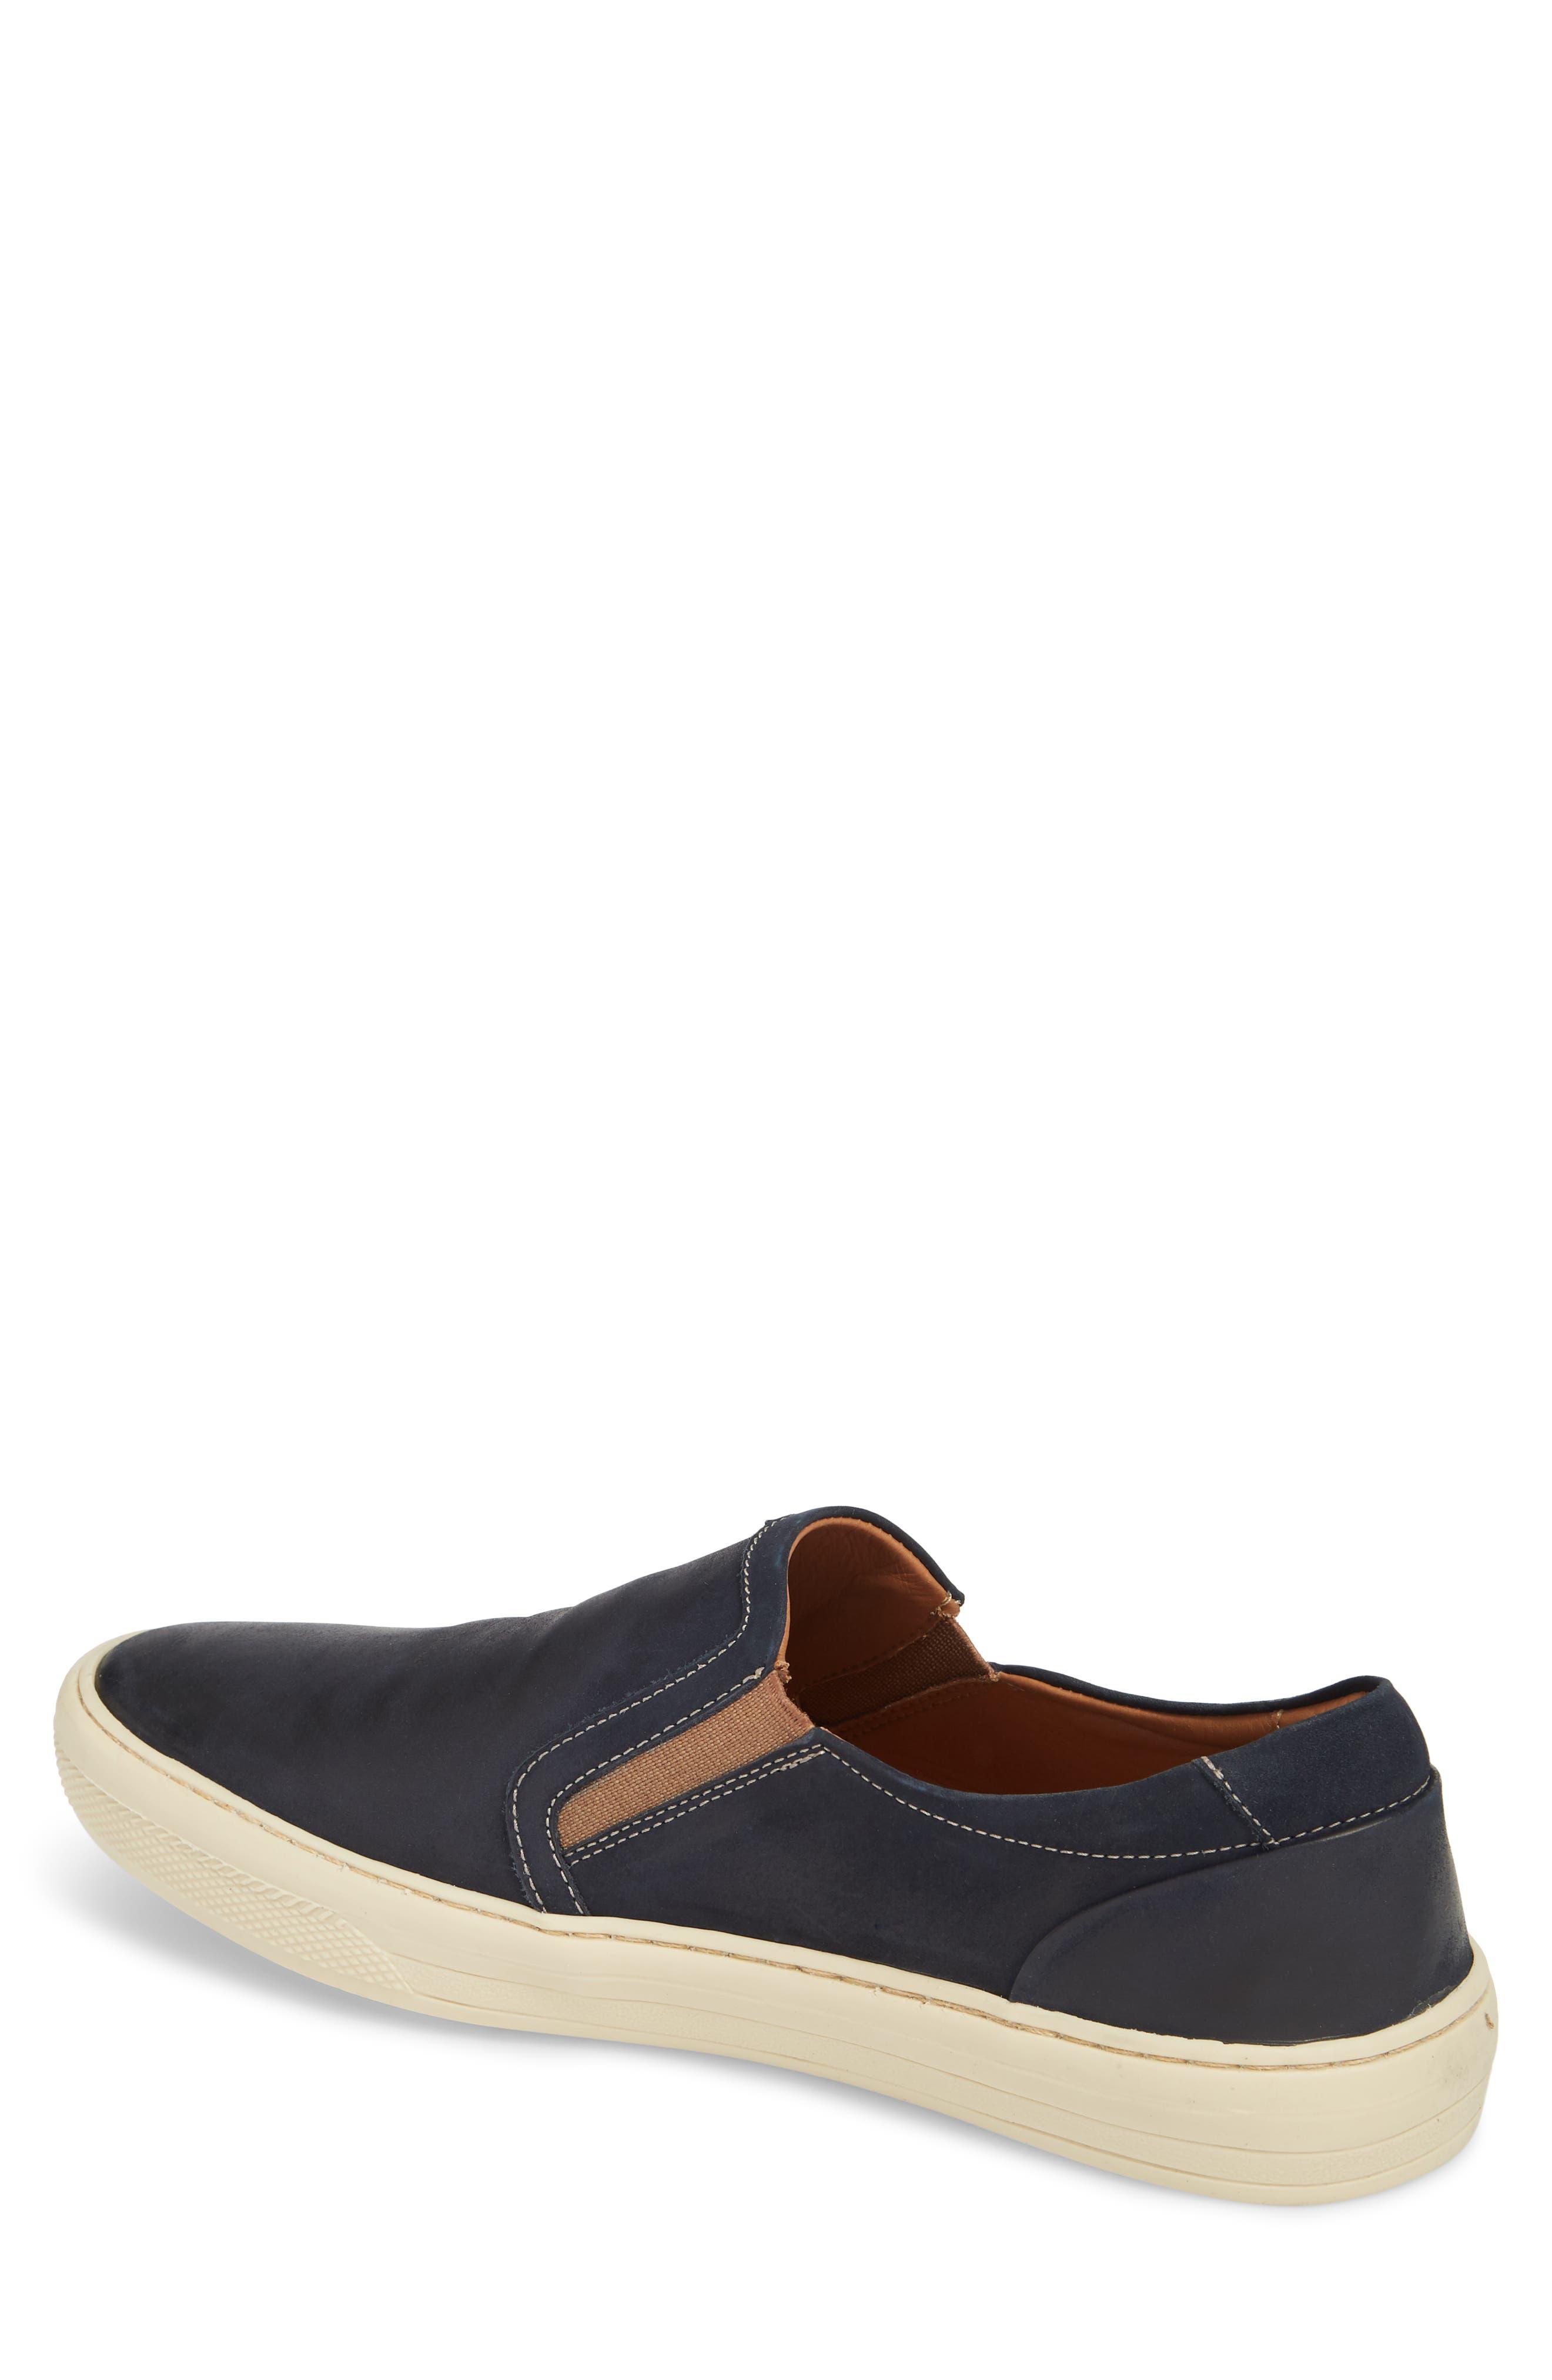 Itabuna Slip-On Sneaker,                             Alternate thumbnail 2, color,                             400